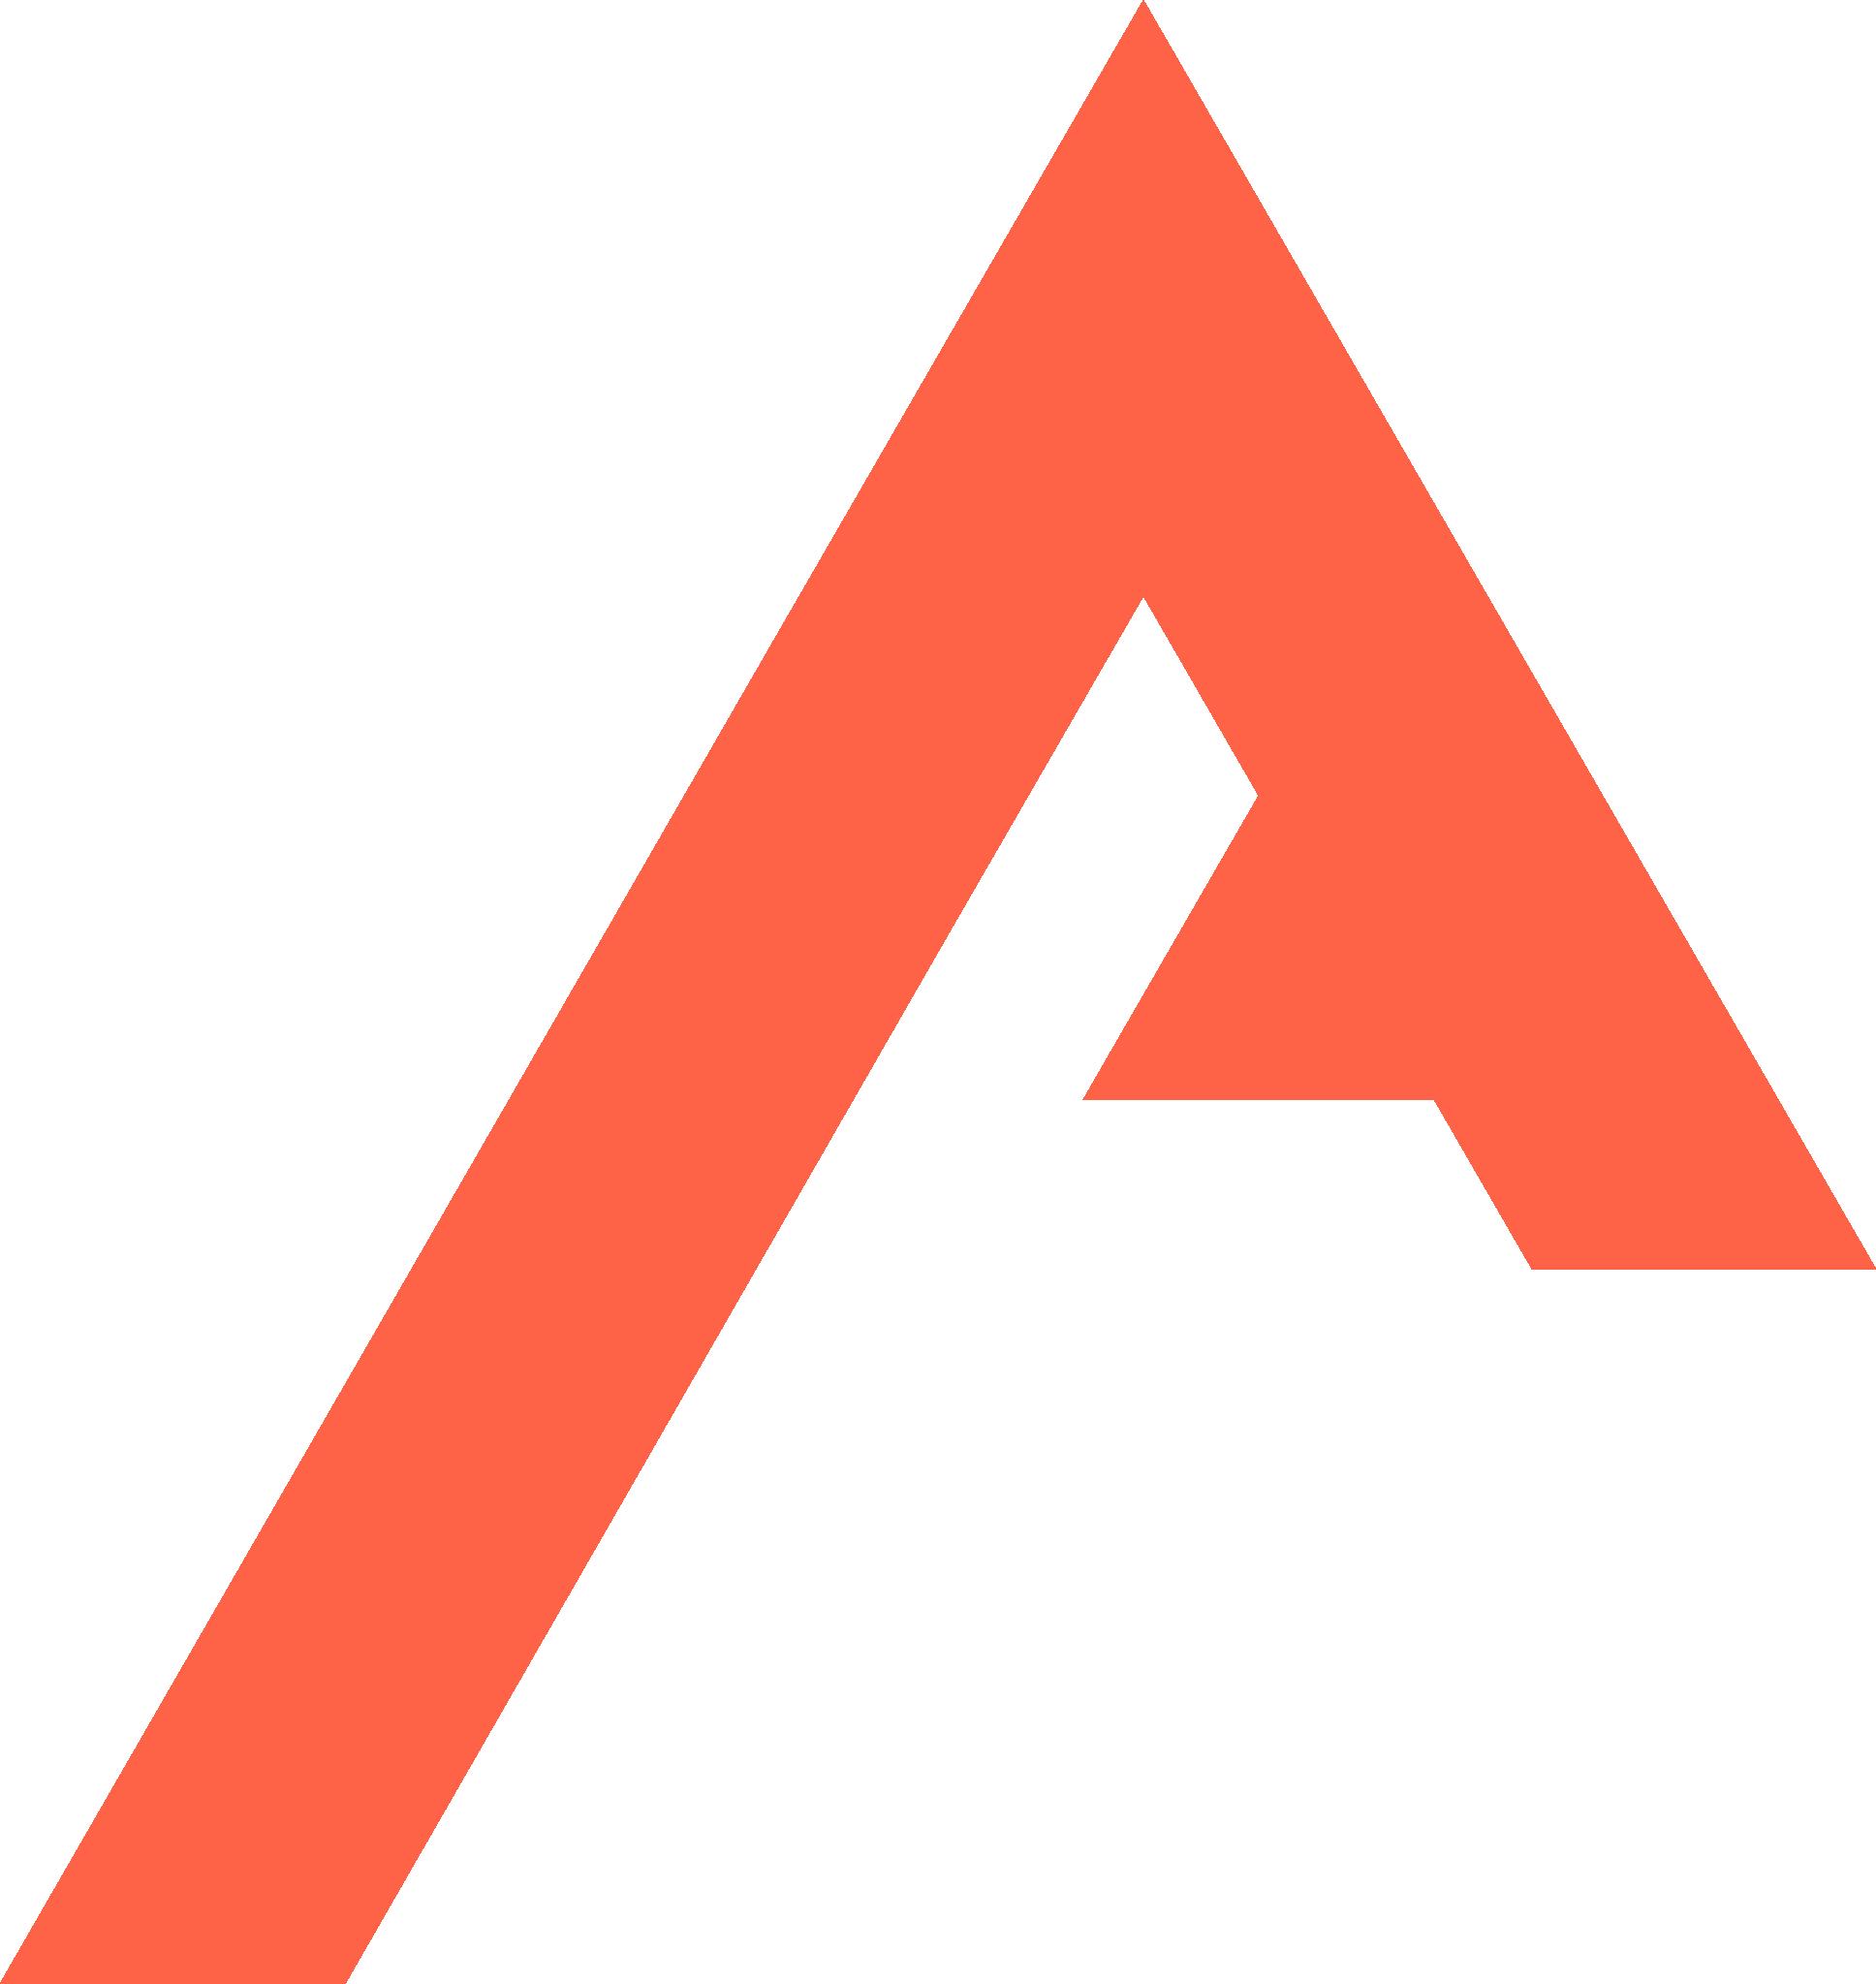 Andrew Leyland Monogram Background Image